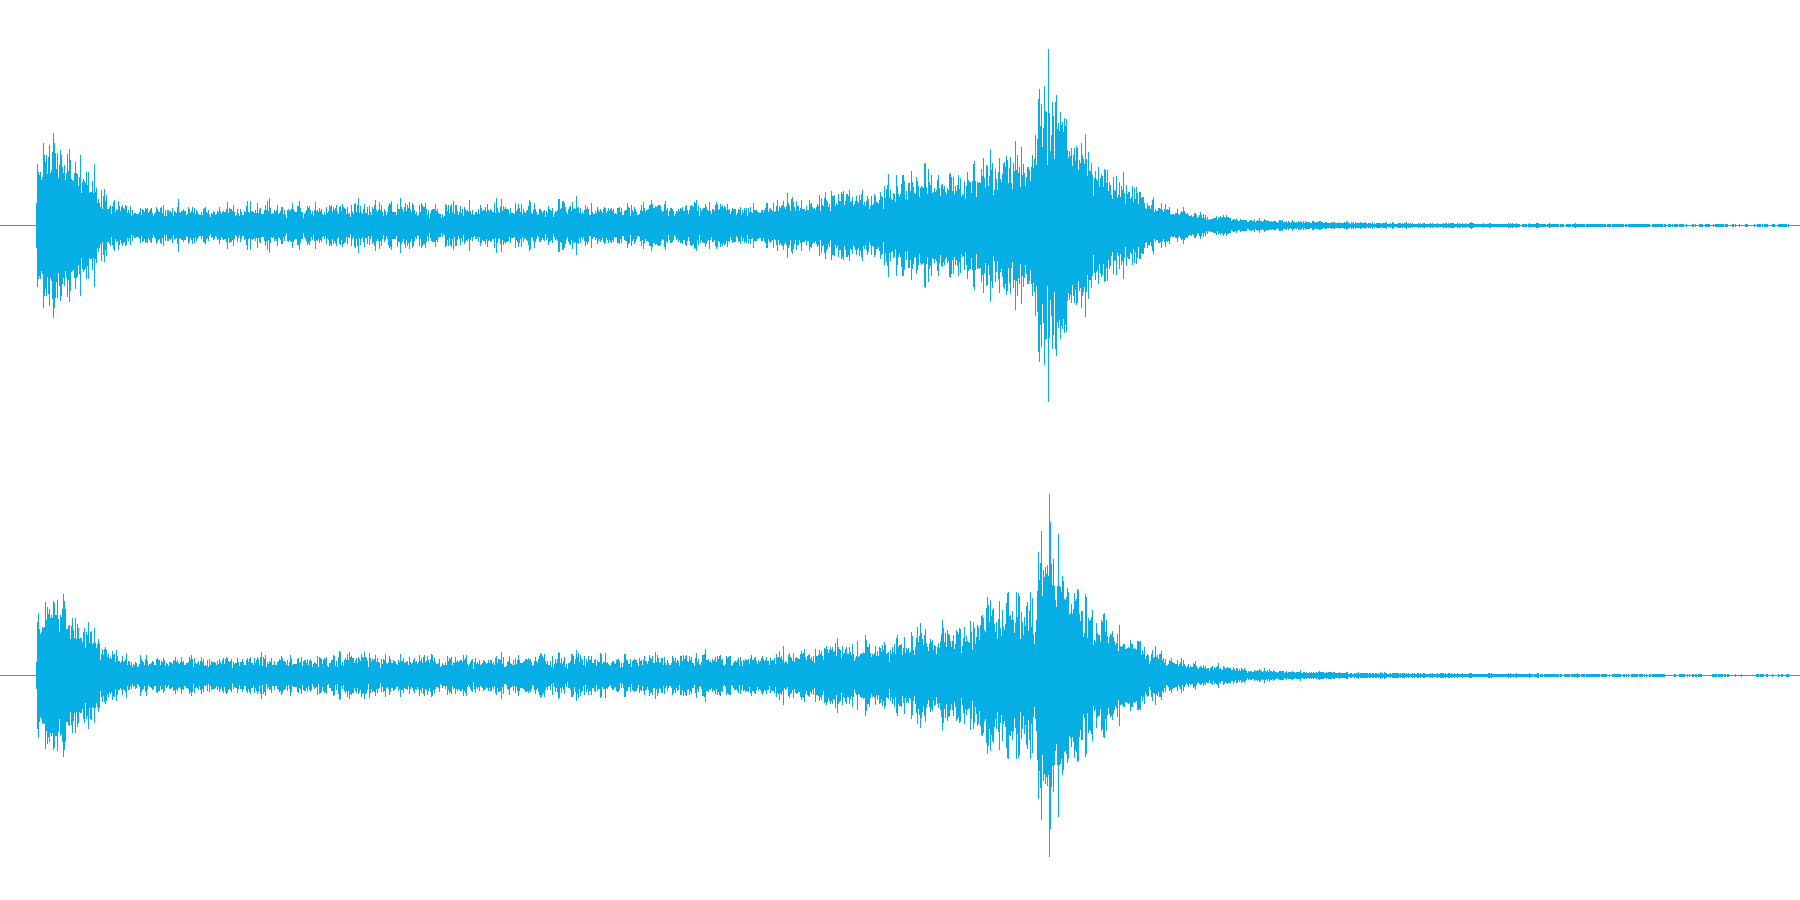 6秒間の豪華なドラムロールの再生済みの波形